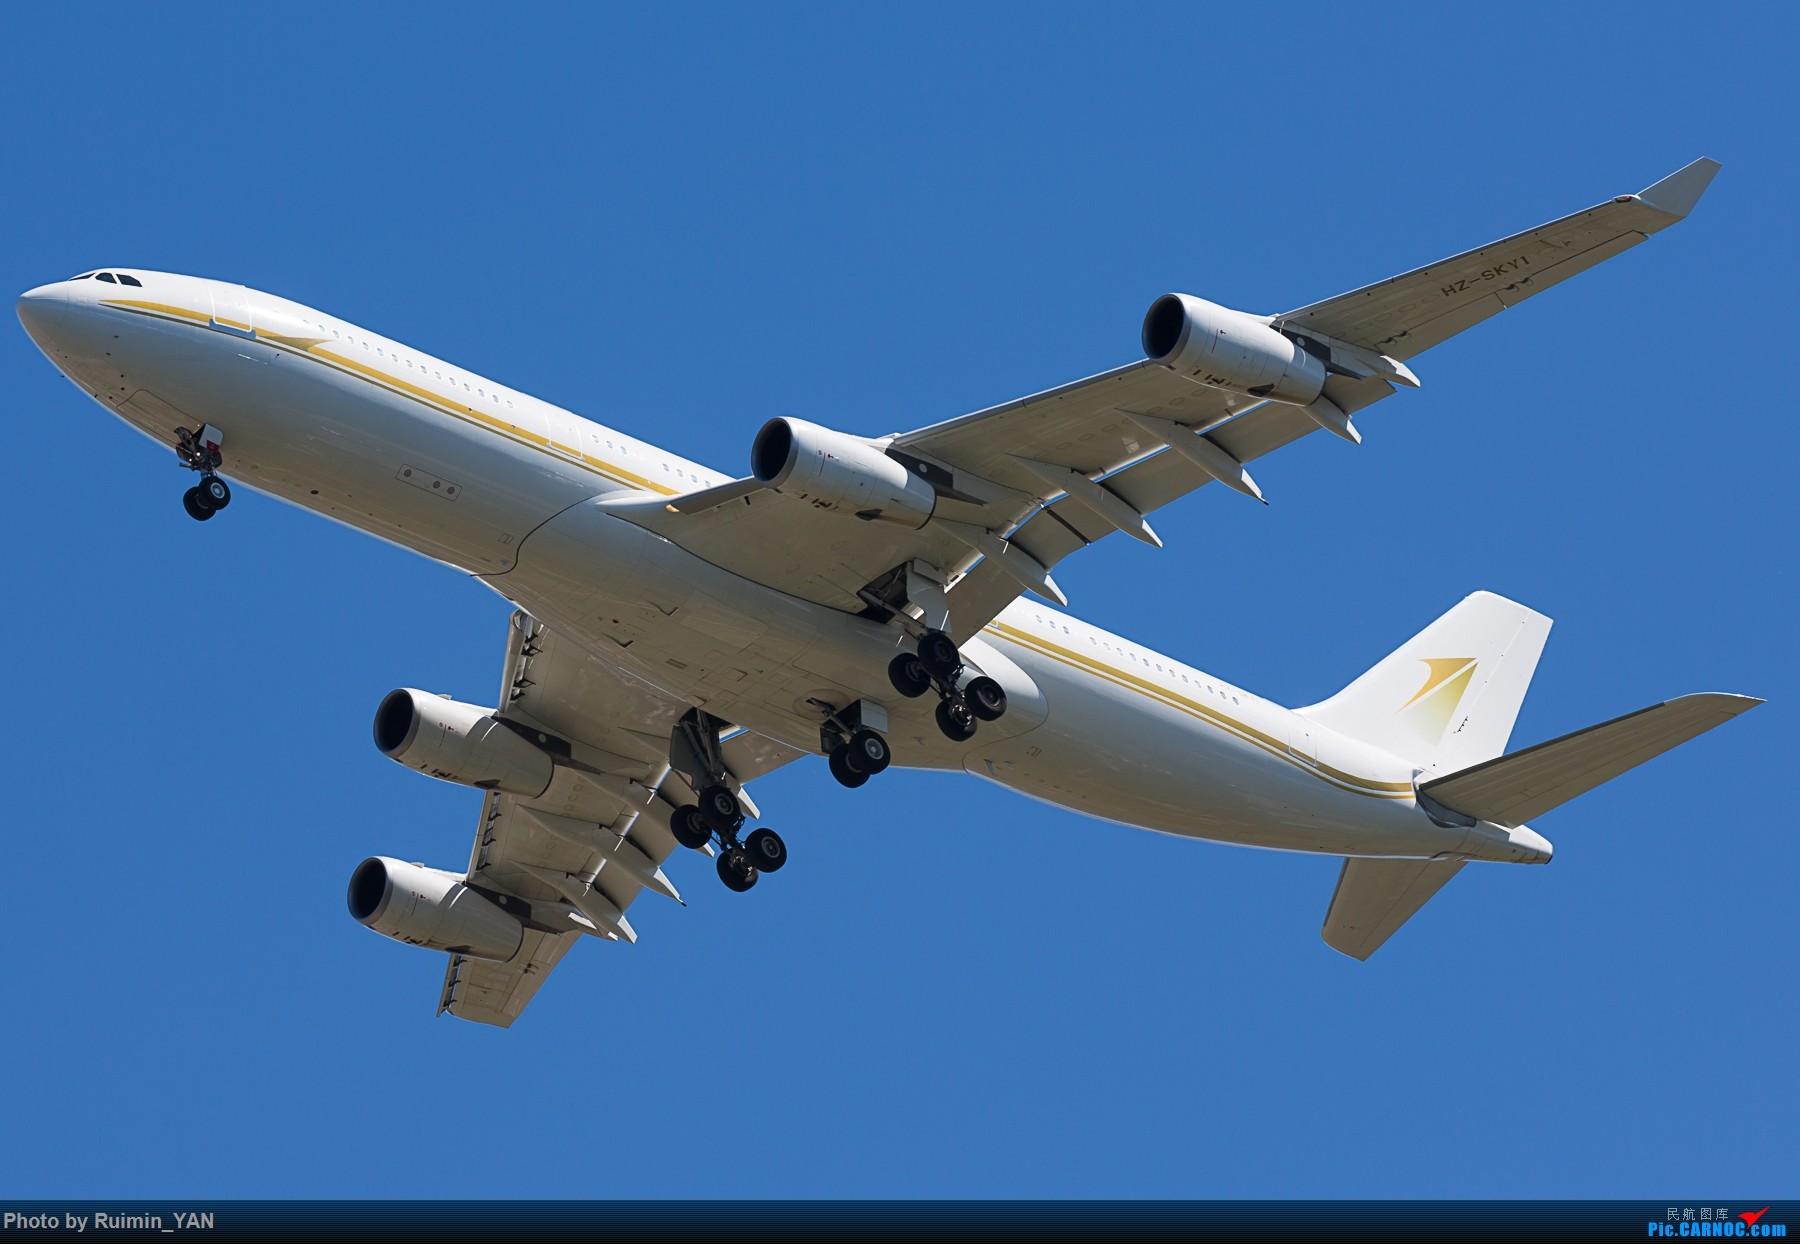 [原创]【PEK】【砖机】沙特王储继承人穆罕默德访华 随行砖机 Sky Prime HZ-SKY1 B342 AIRBUS A340-200 HZ-SKY1 中国北京首都国际机场